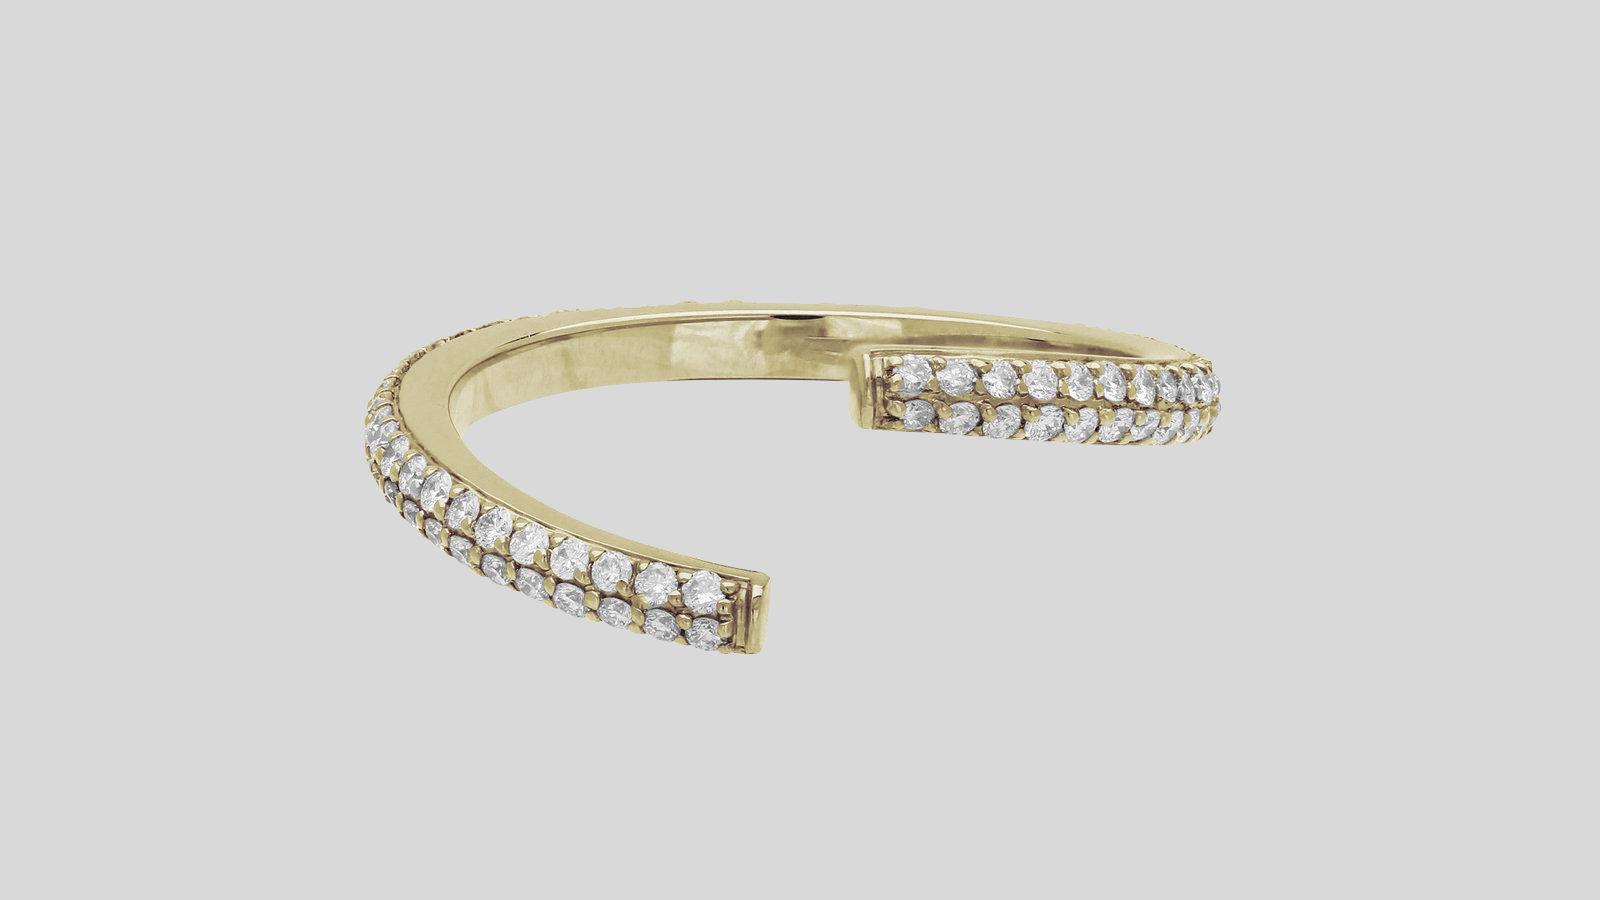 The Pavé Diamond Untraditional Ring